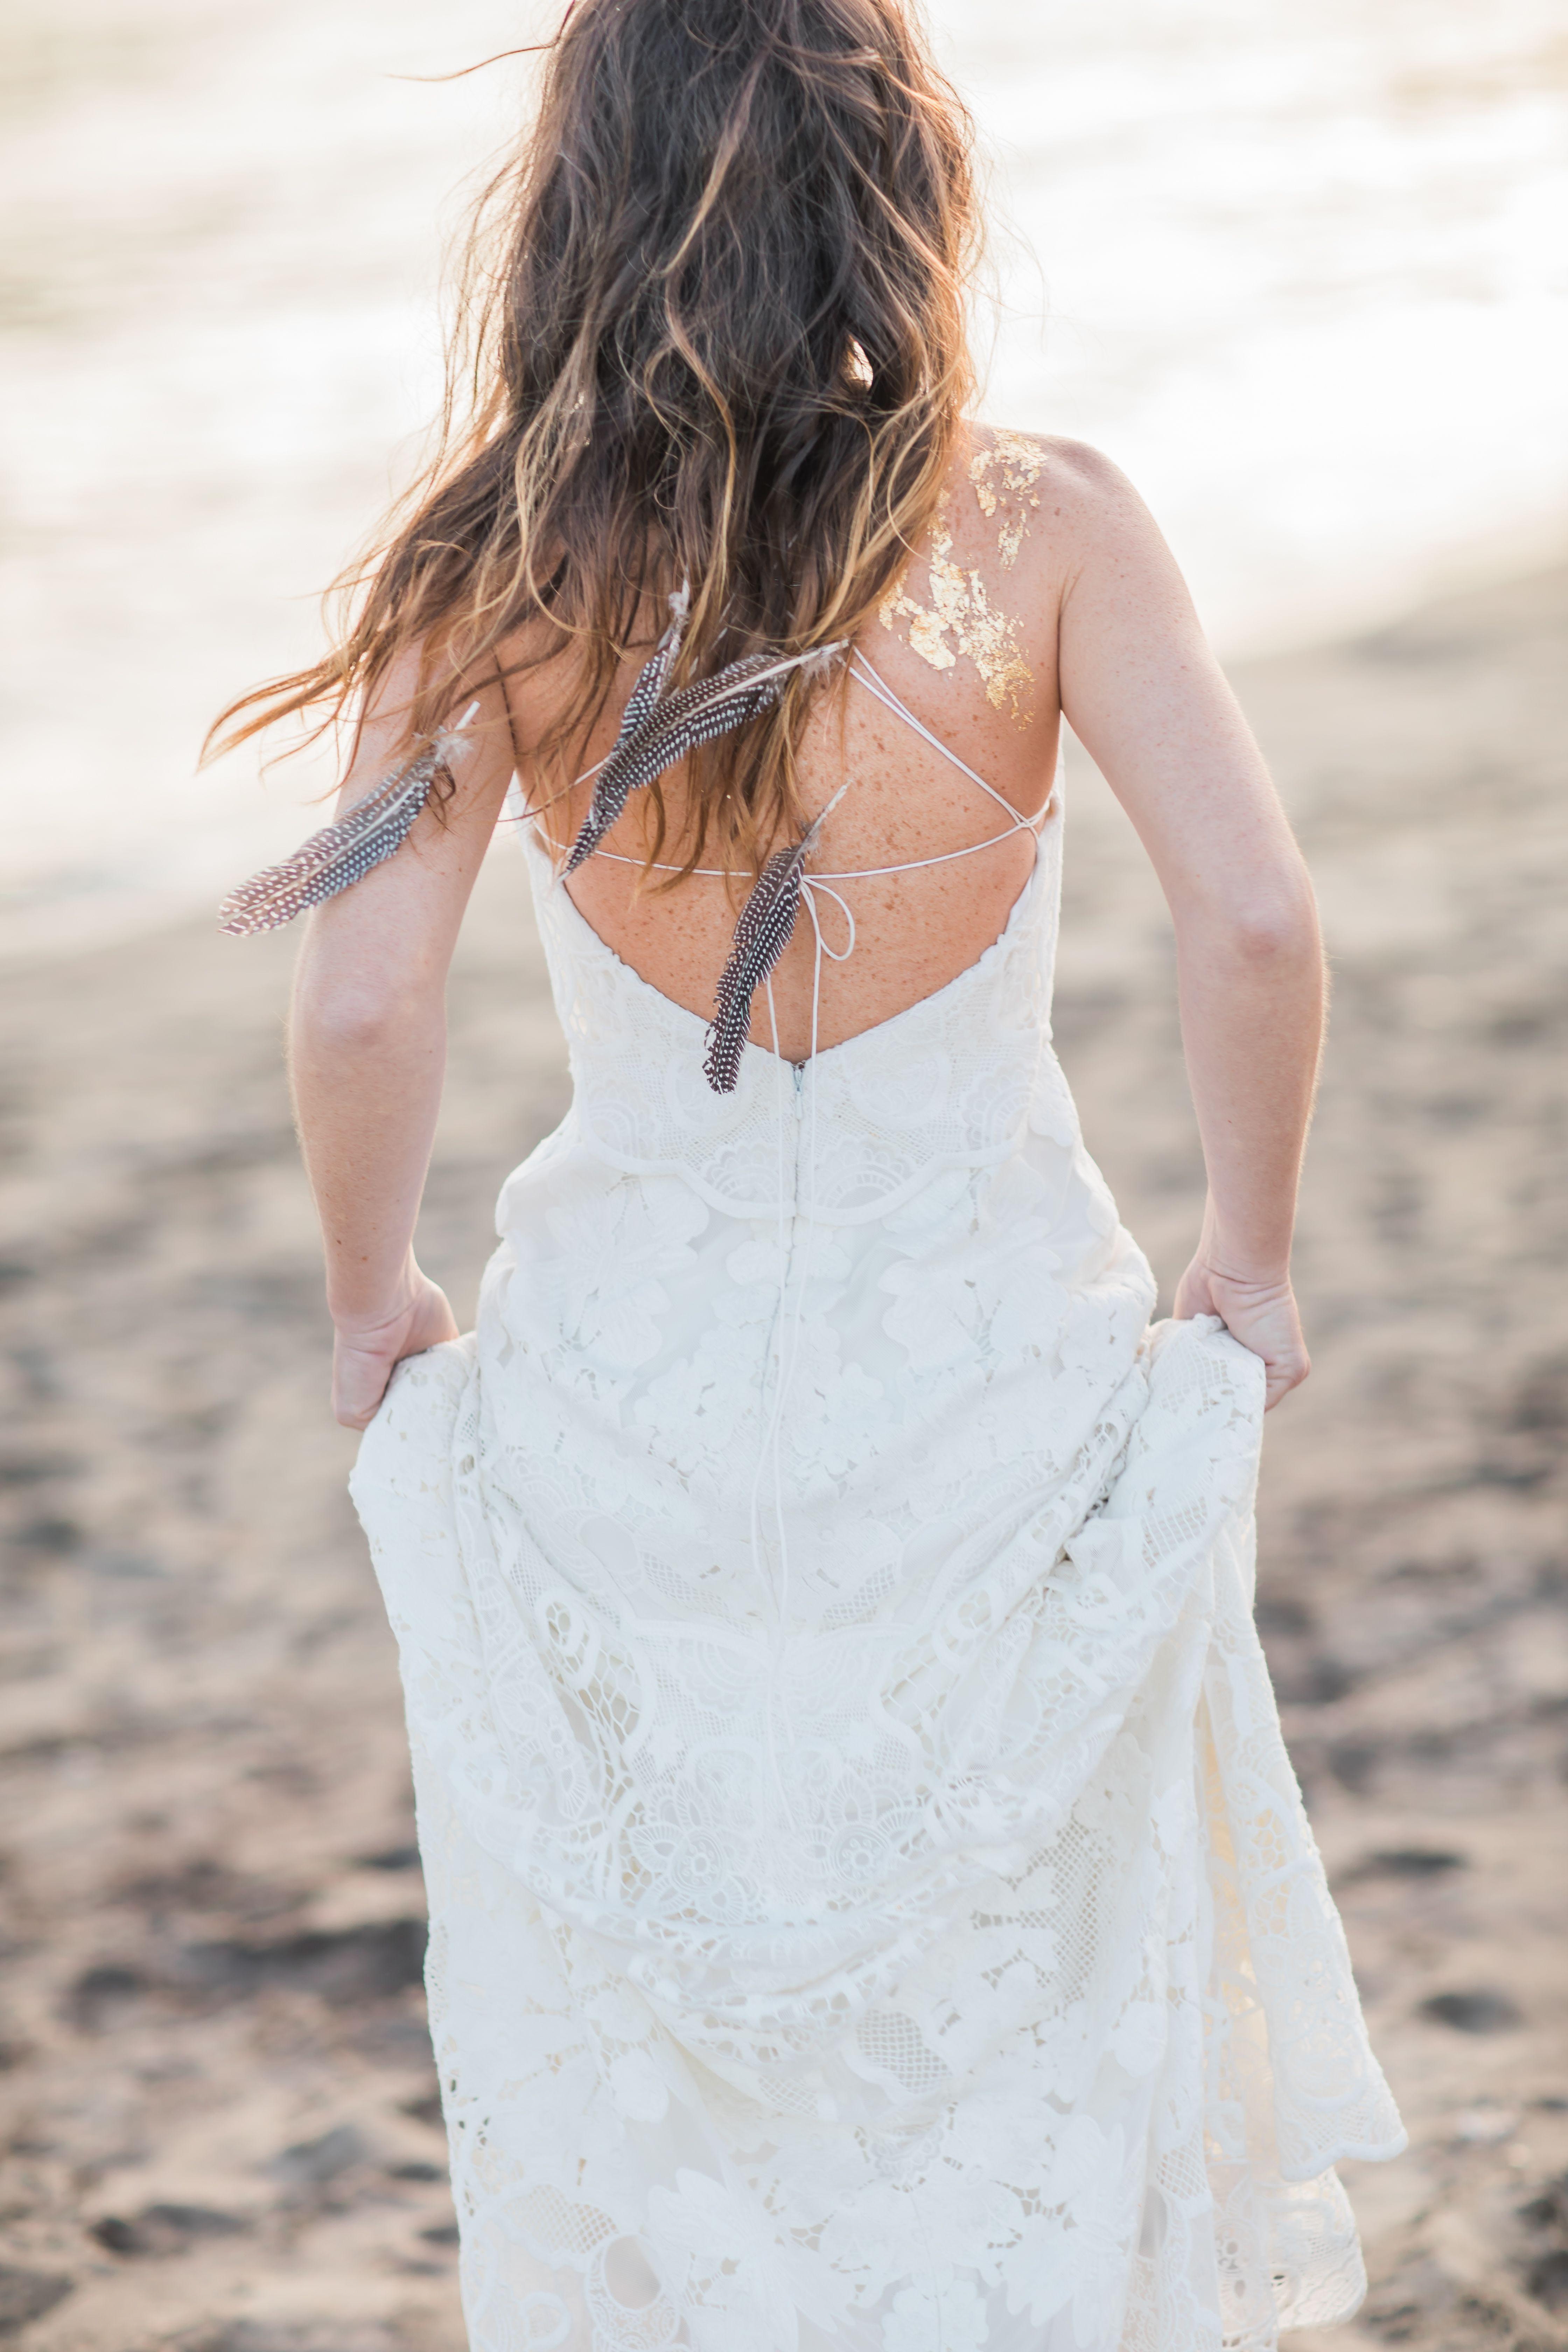 Hochzeit am Strand im Boho-Stil. Lockere Brautfrisur mit Federn und ...